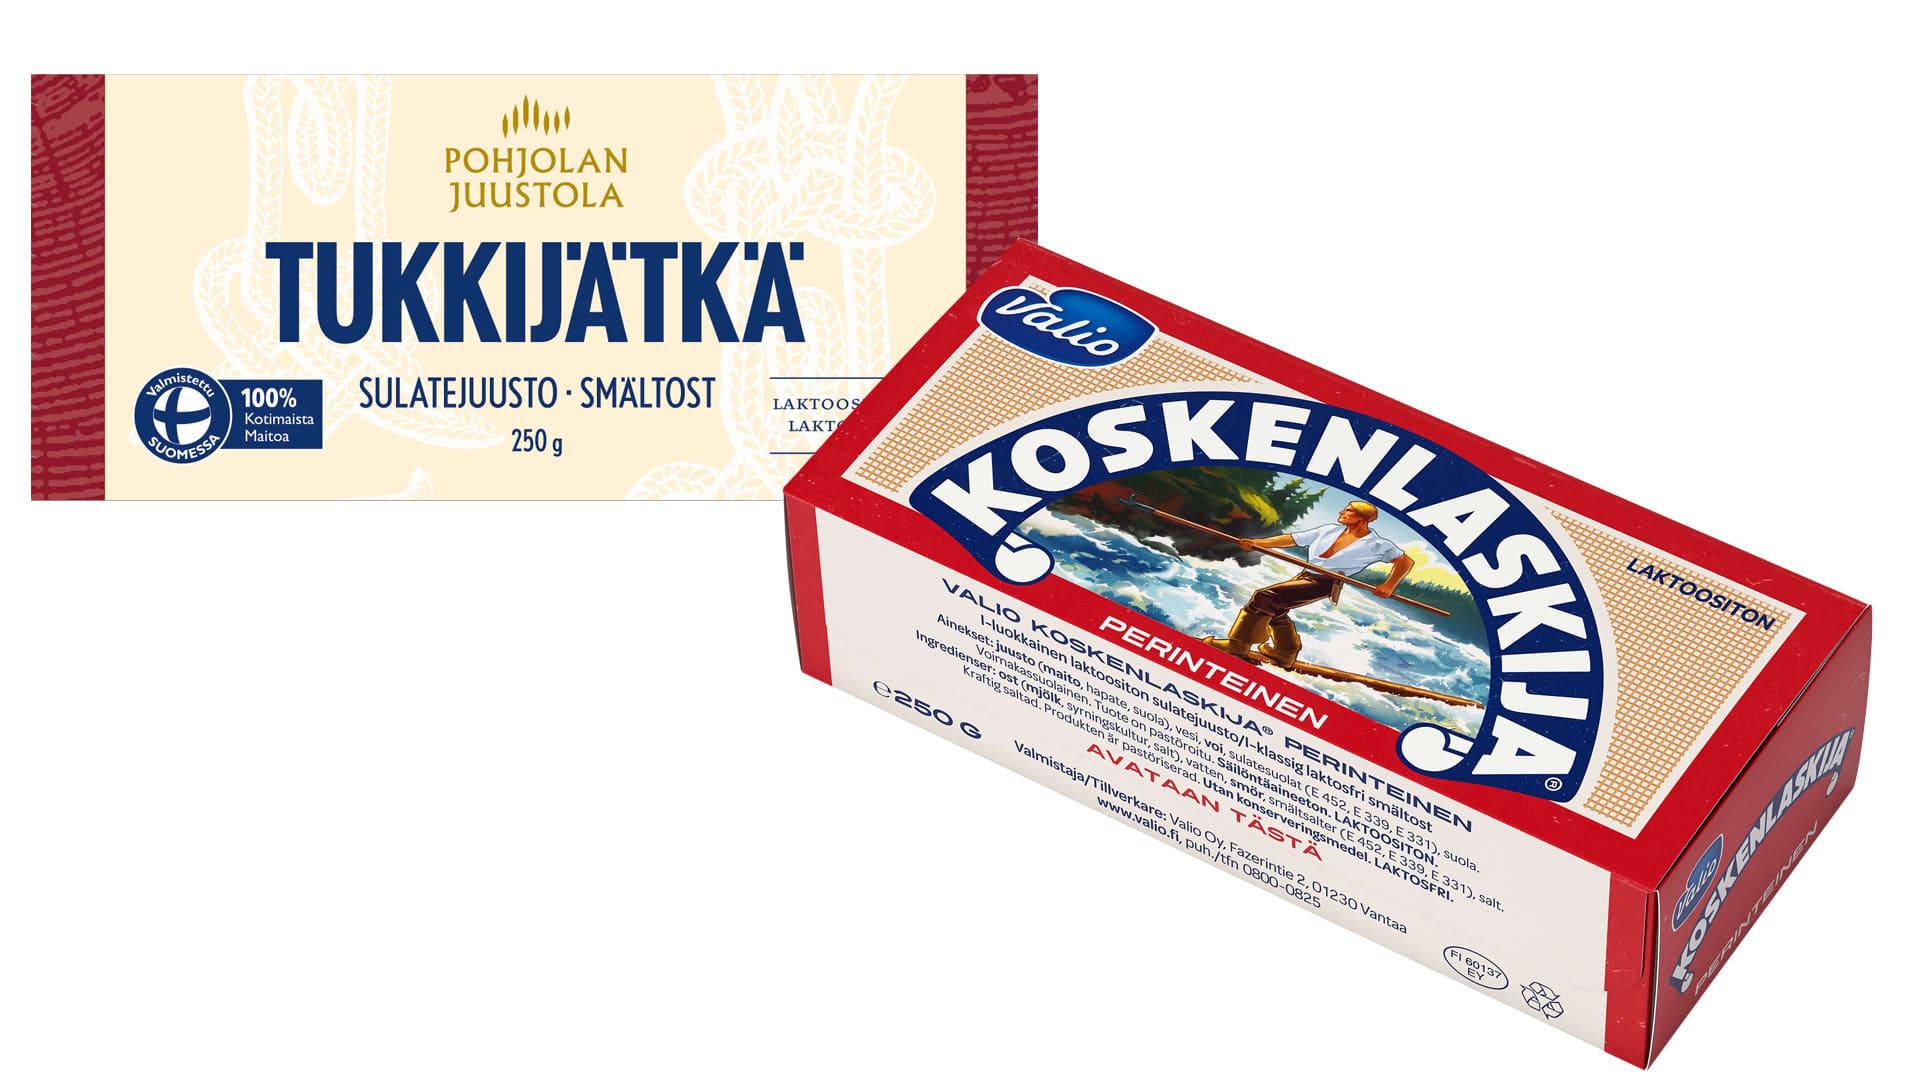 Lidl myy Tukkijätkä-juustoa. Valion Koskenlaskija-juustoa löytyy puolestaan S- ja K-ryhmän kaupoista.